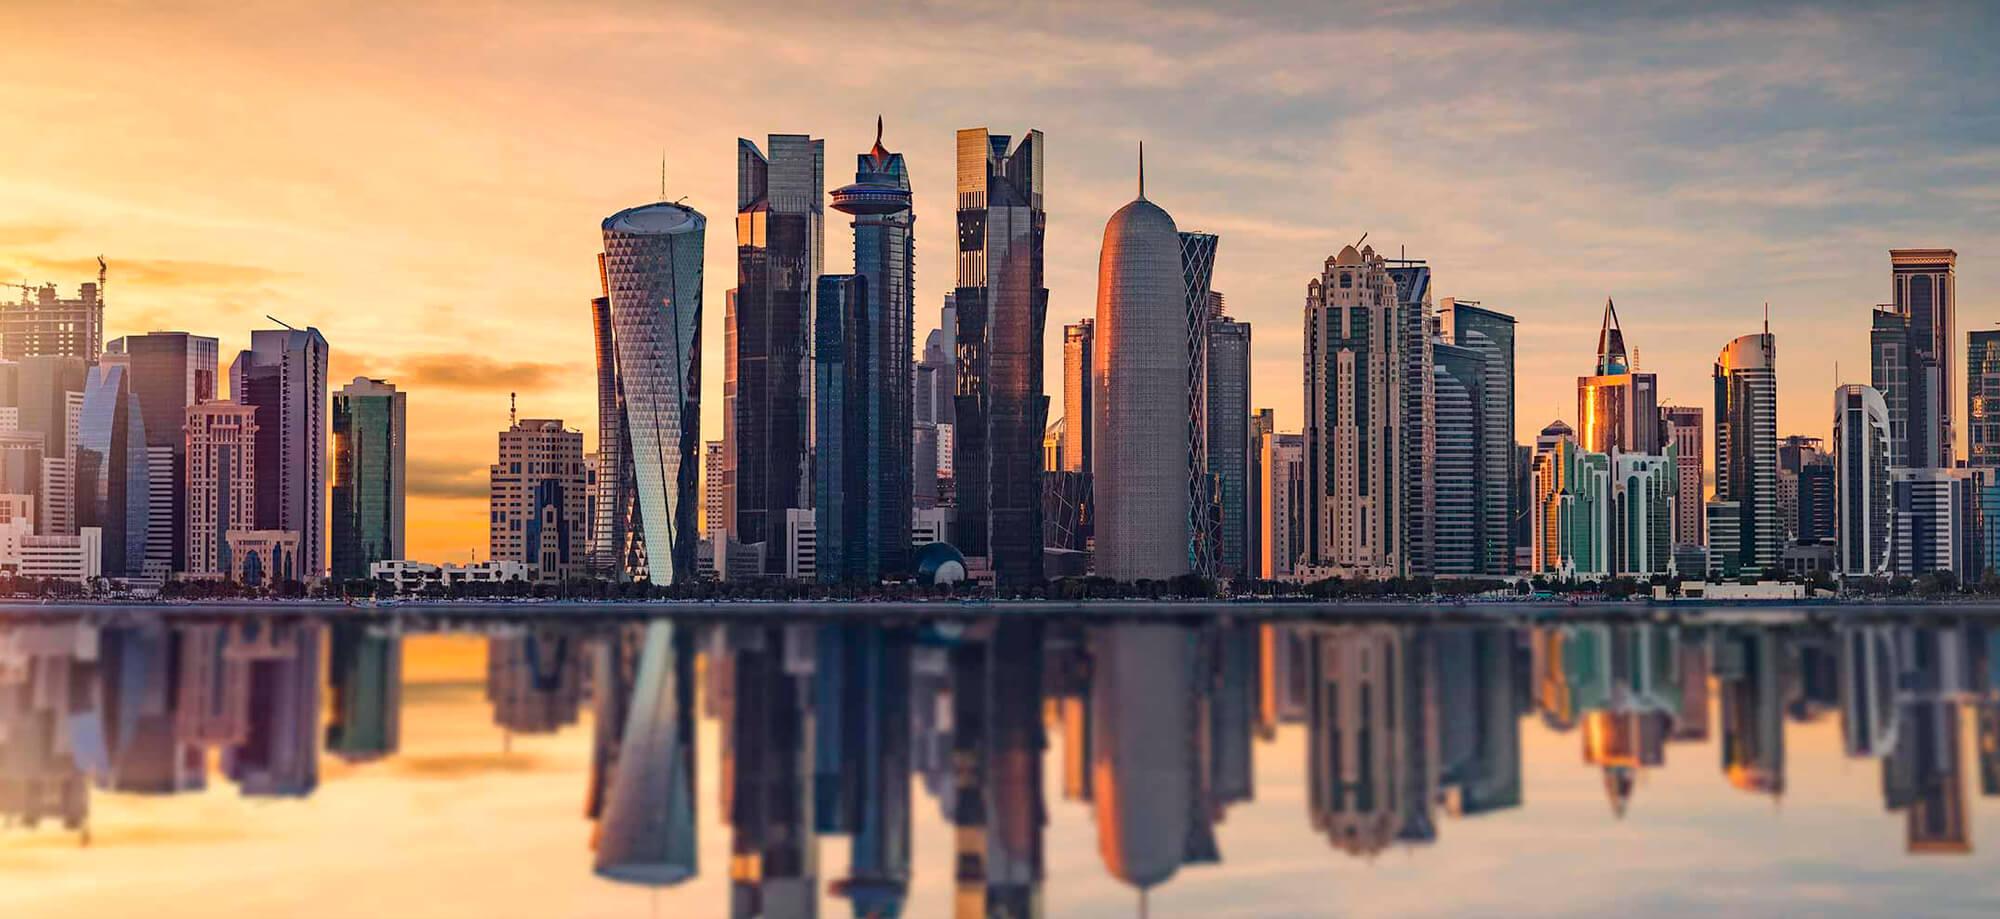 راهنمای سفر به قطر برای توریست های خاورمیانه